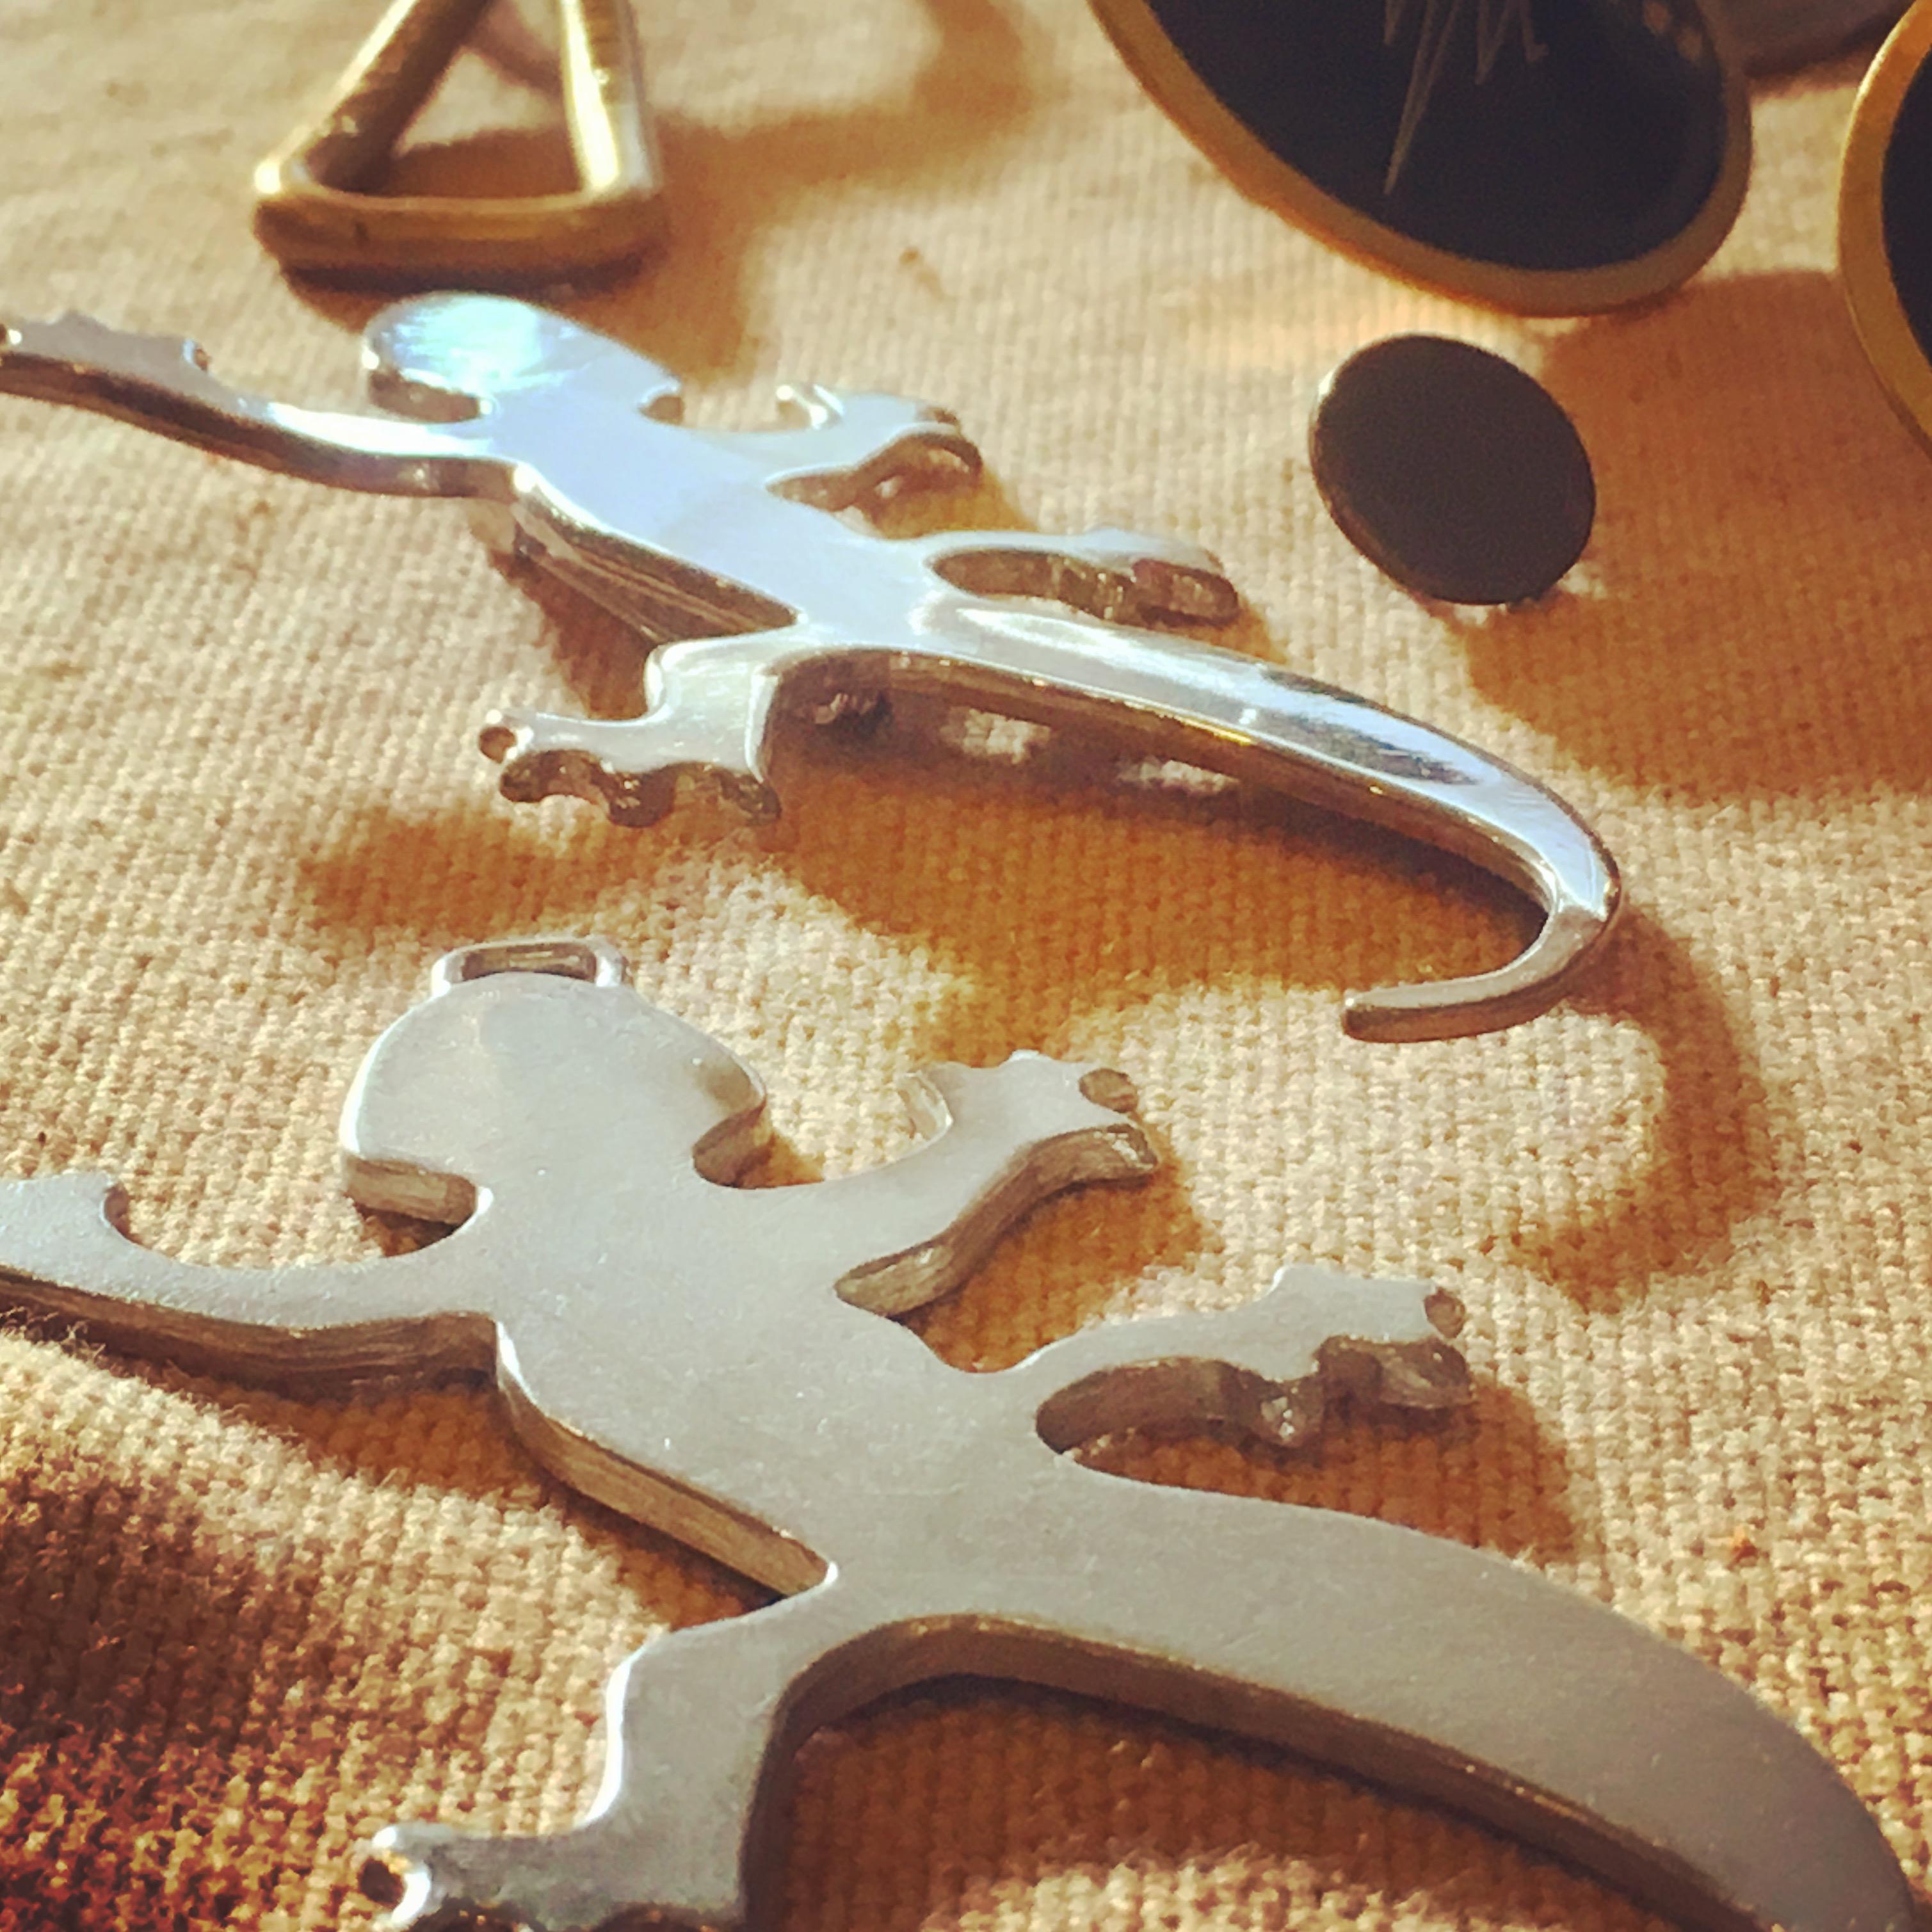 ヤモリデザイン、手作り、ブランドモチーフ、オリジナル特注オーダーメイドのピンバッジの製作